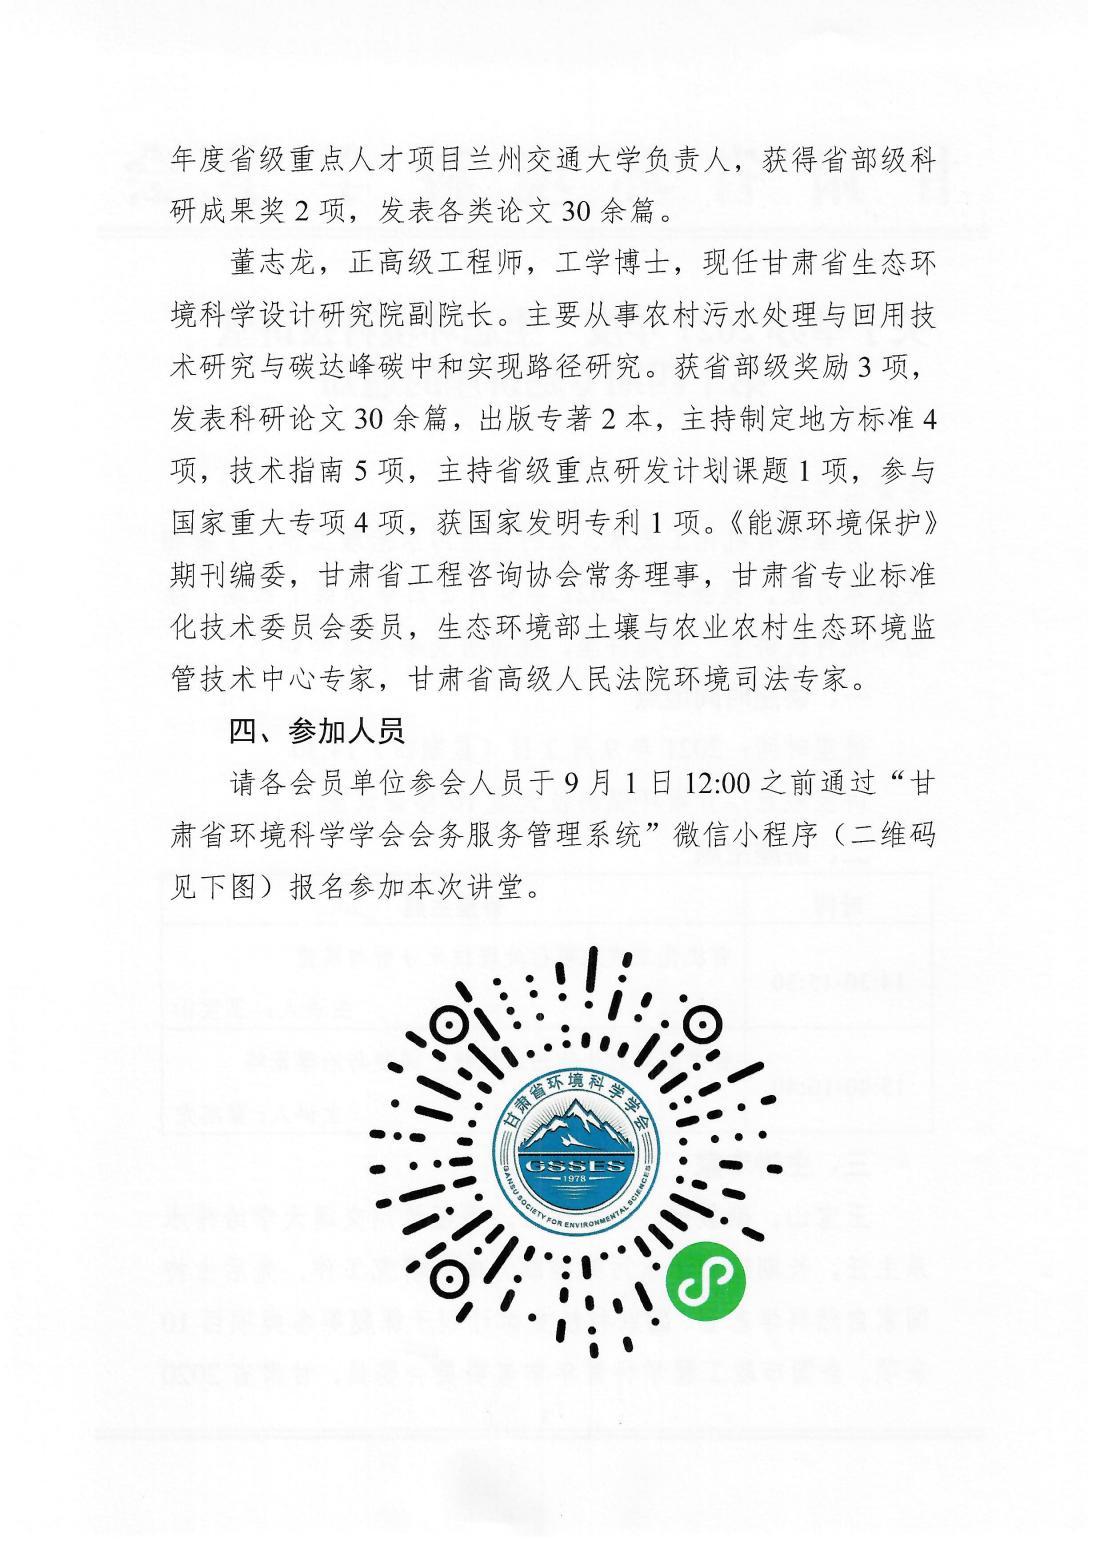 """关于举办2021年度""""生态环境科技讲堂""""第十四期专题讲座的通知_01.jpg"""